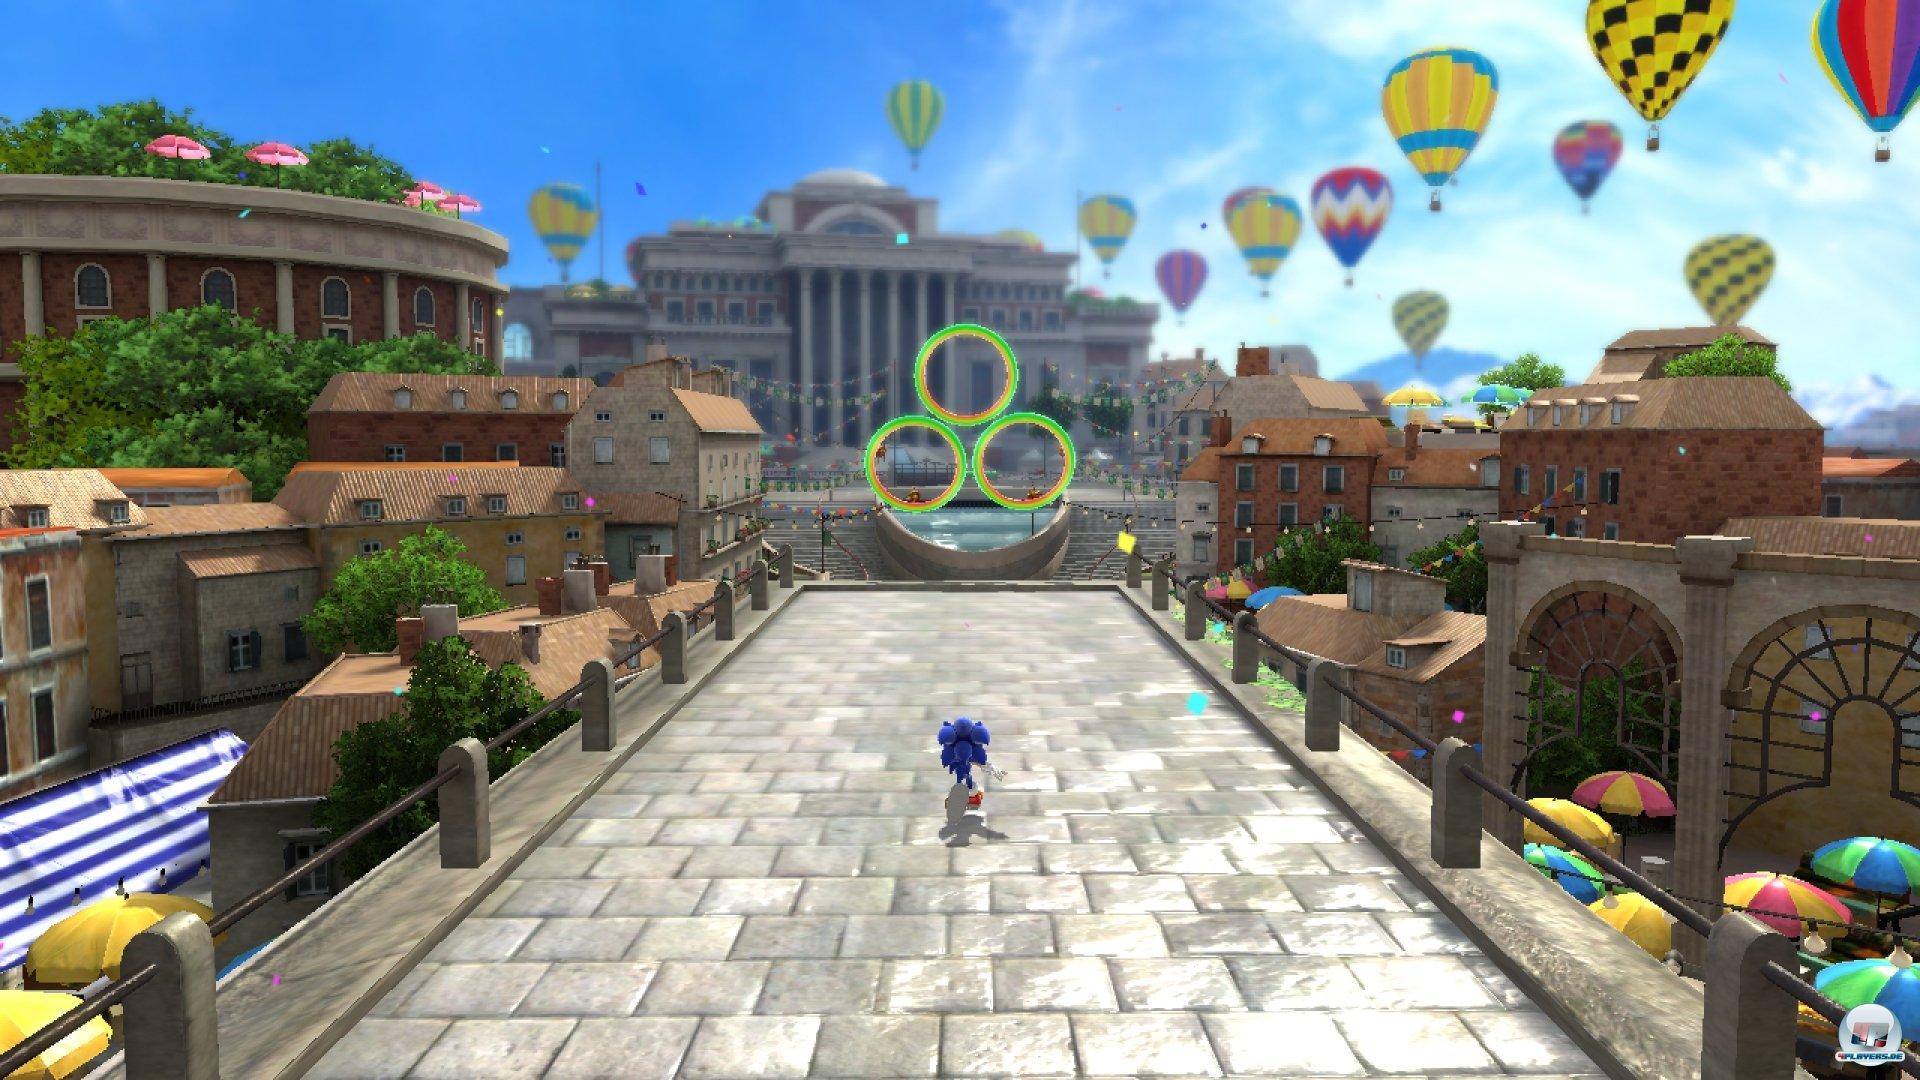 Selbst die 3D-Levels sind im Grunde zweidimensionale Angelegenheiten - die offenen »Abenteuer«-Geschichten der Dreamcast-Ära gehören der Vergangenheit an.